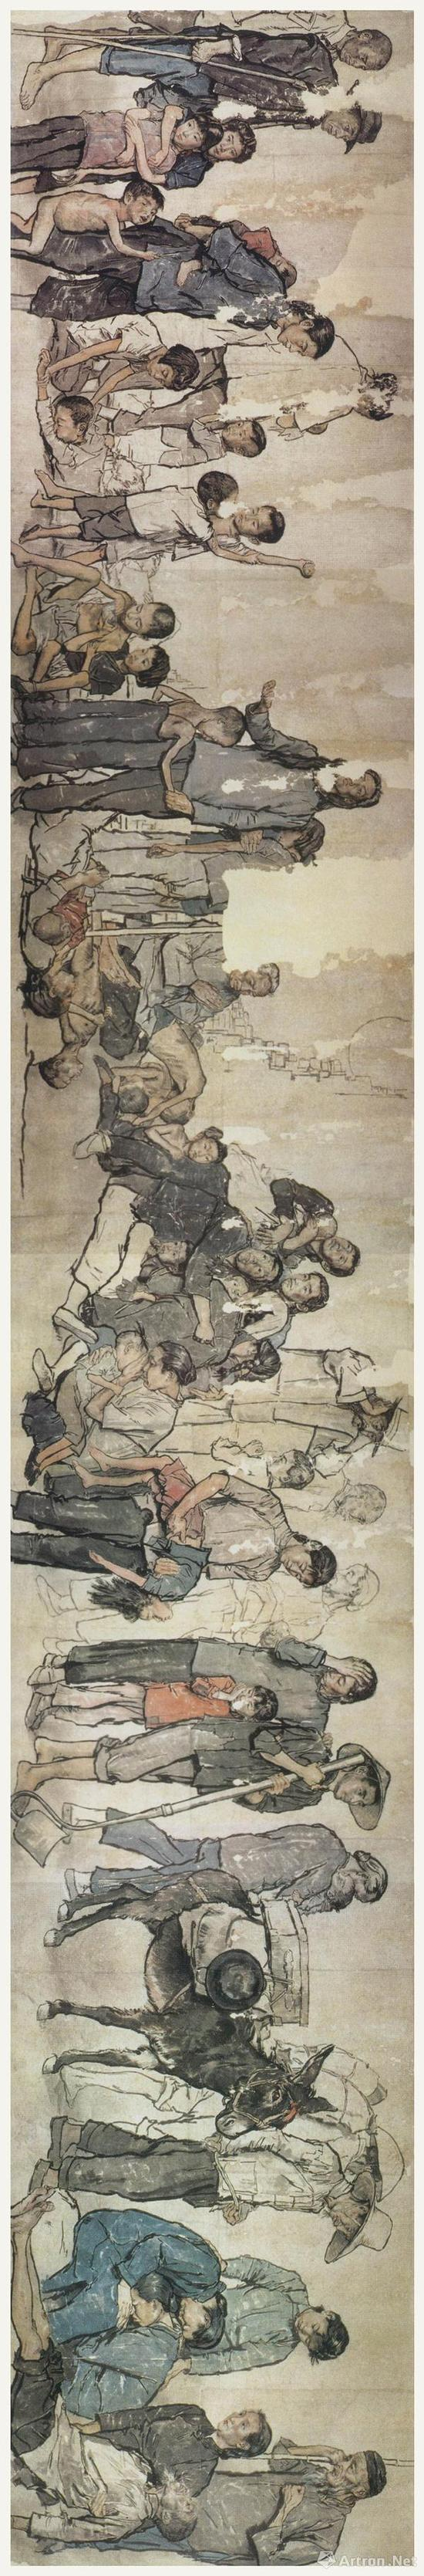 《流民图》(前半卷)200X1227cm(全卷200X约2600cm) 纸本设色 1943年 中国美术馆藏